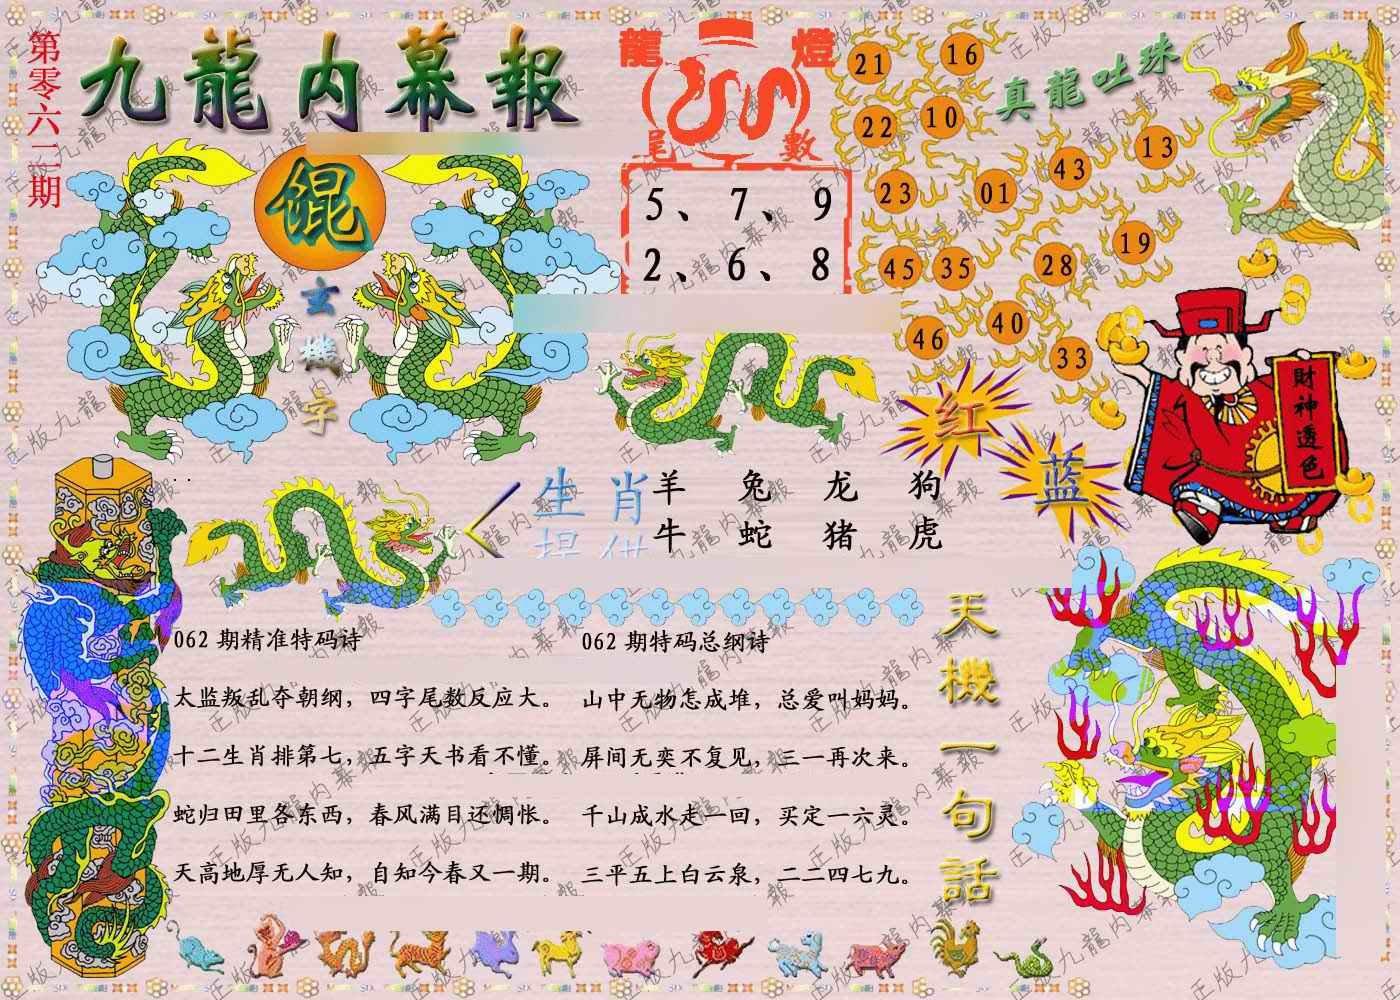 062期正版九龙内幕报